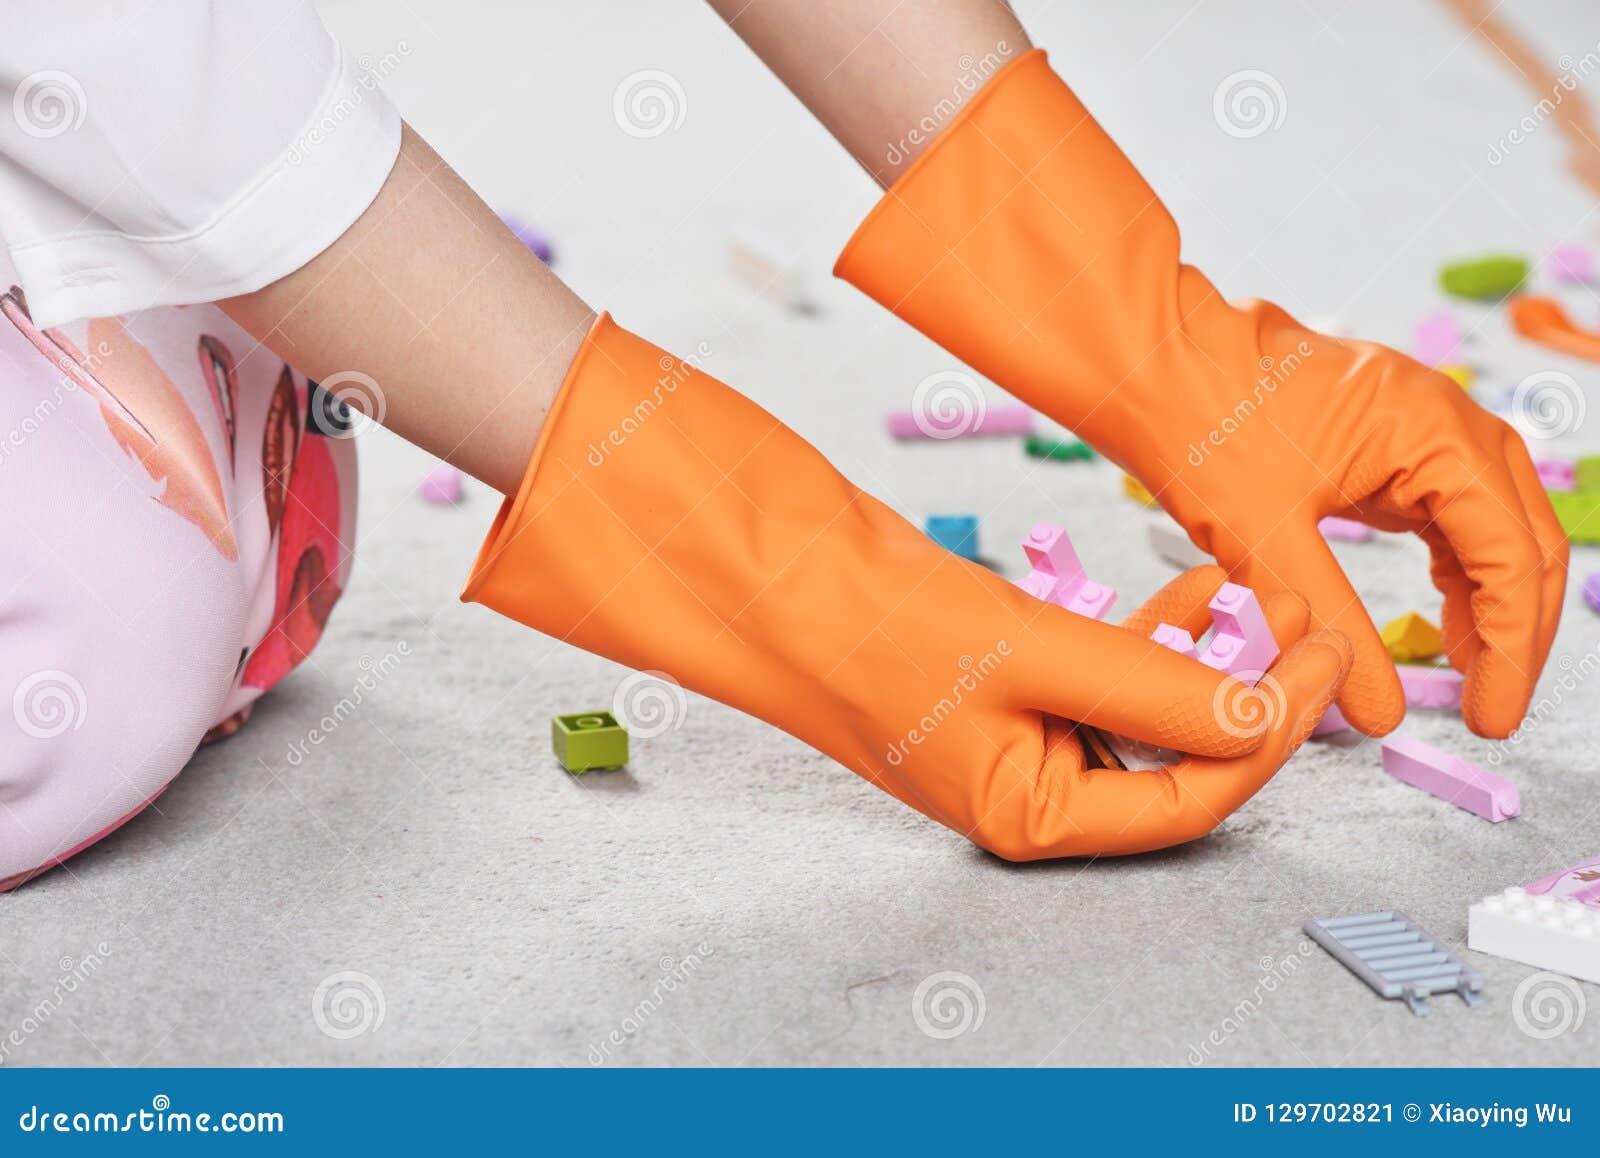 家庭清洗的橡胶厨房洗碗盘行为橡胶手套